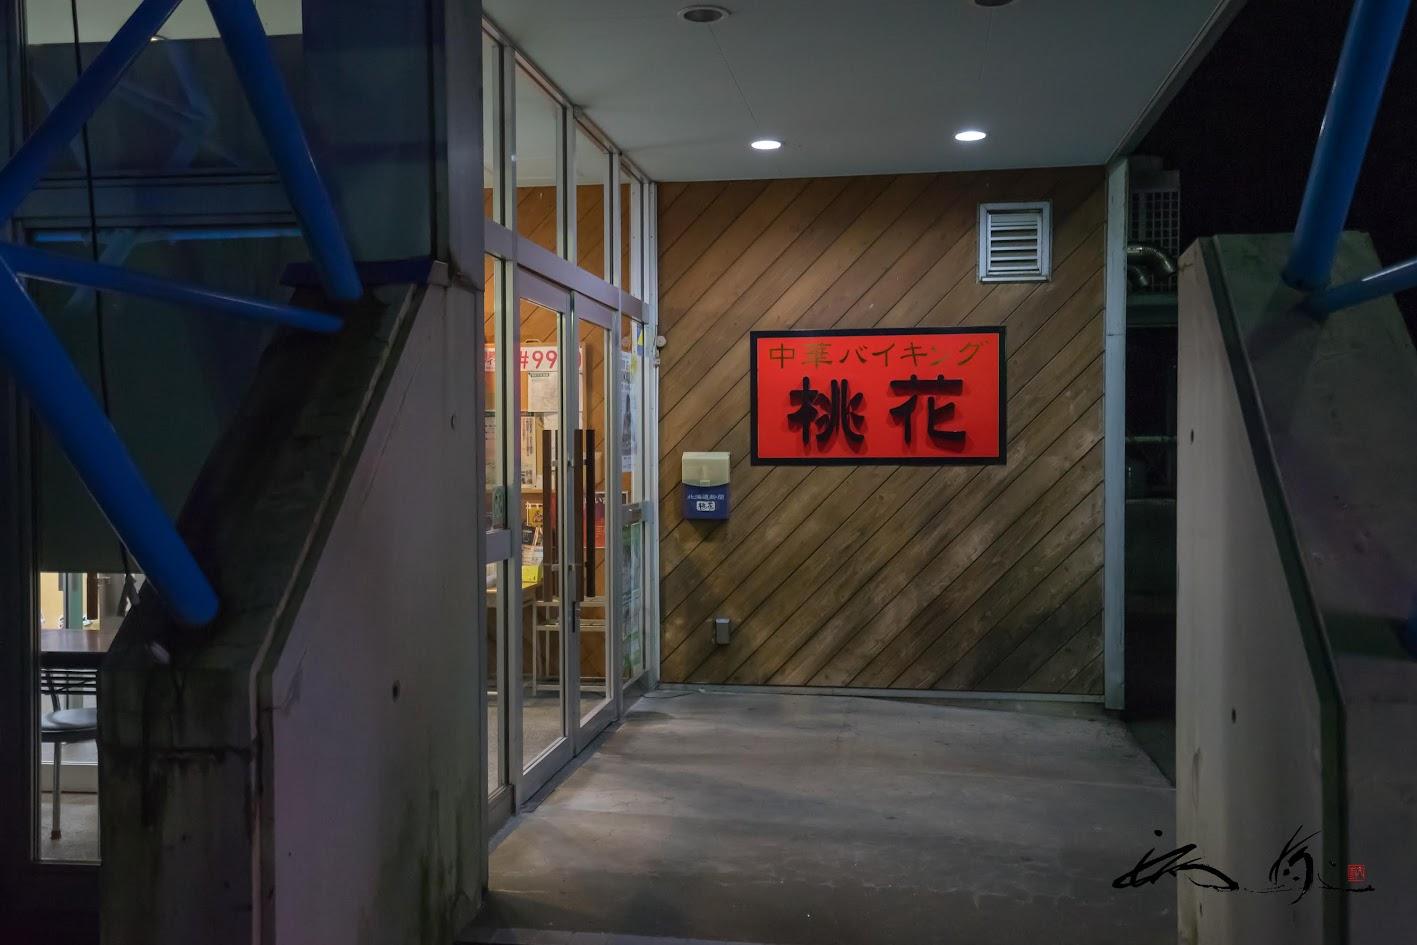 中華バイキング桃花(とうか)入り口